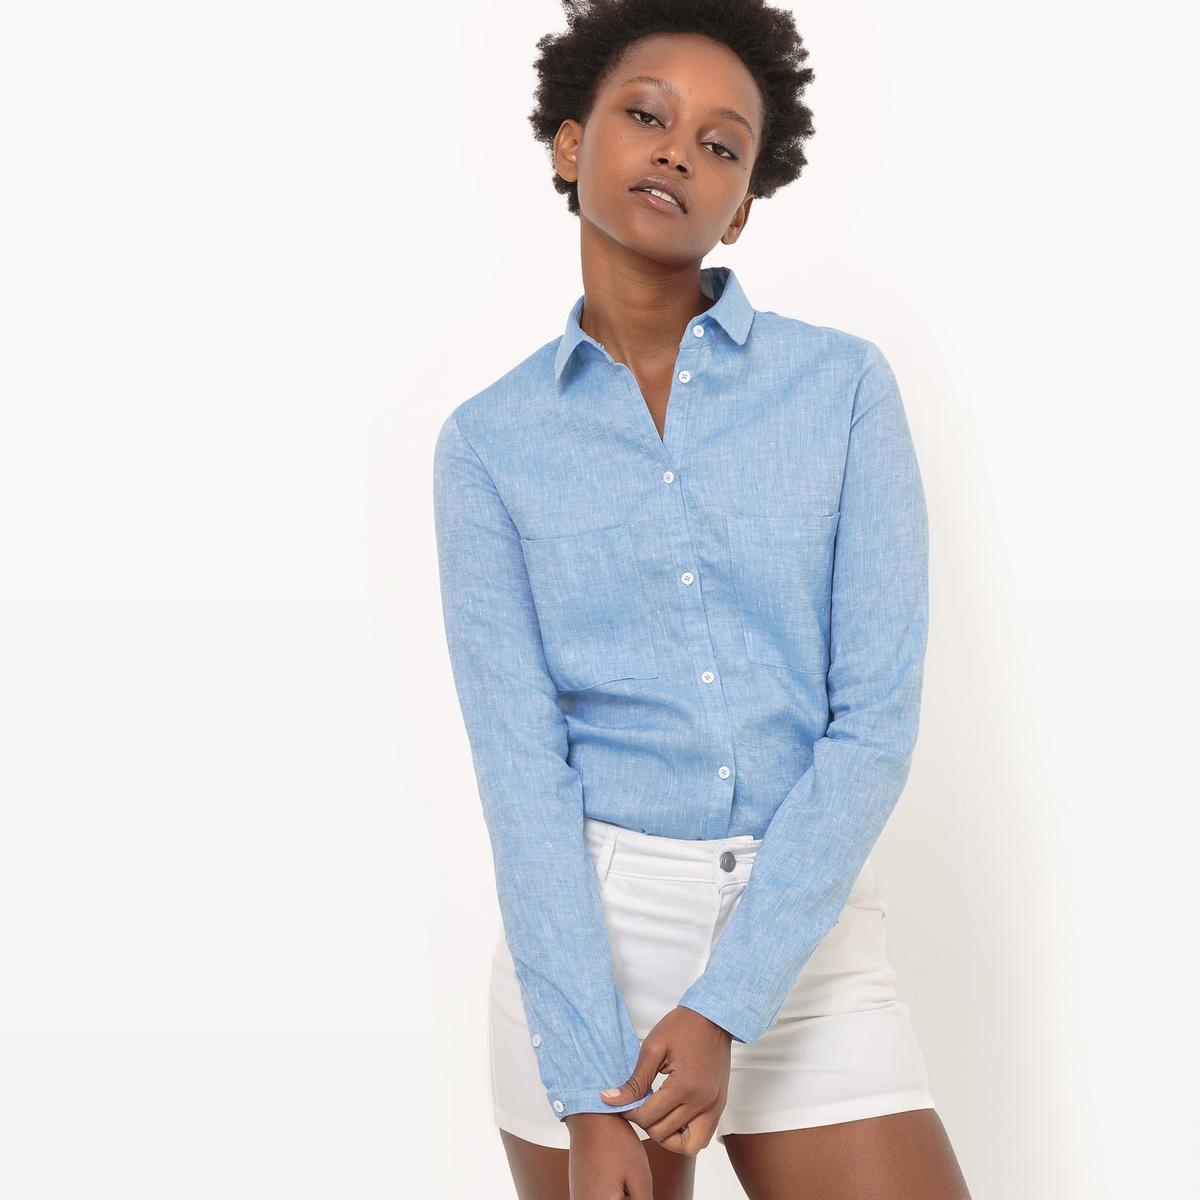 Рубашка с 2 карманами из льнаМатериал : 100% лен         Покрой : прямой        Длина рукава : длинные рукава        Форма воротника : воротник-поло, рубашечный        Длина рубашки: стандартная        Покрой рубашки: прямой        Рисунок : однотонная модель          Стирка : машинная стирка при 30 °С        Уход : сухая чистка и отбеливание запрещены        Машинная сушка : запрещена        Глажка : при высокой температуре<br><br>Цвет: голубой меланж,мандариновый<br>Размер: 34 (FR) - 40 (RUS).48 (FR) - 54 (RUS).46 (FR) - 52 (RUS).44 (FR) - 50 (RUS).34 (FR) - 40 (RUS).38 (FR) - 44 (RUS).52 (FR) - 58 (RUS)